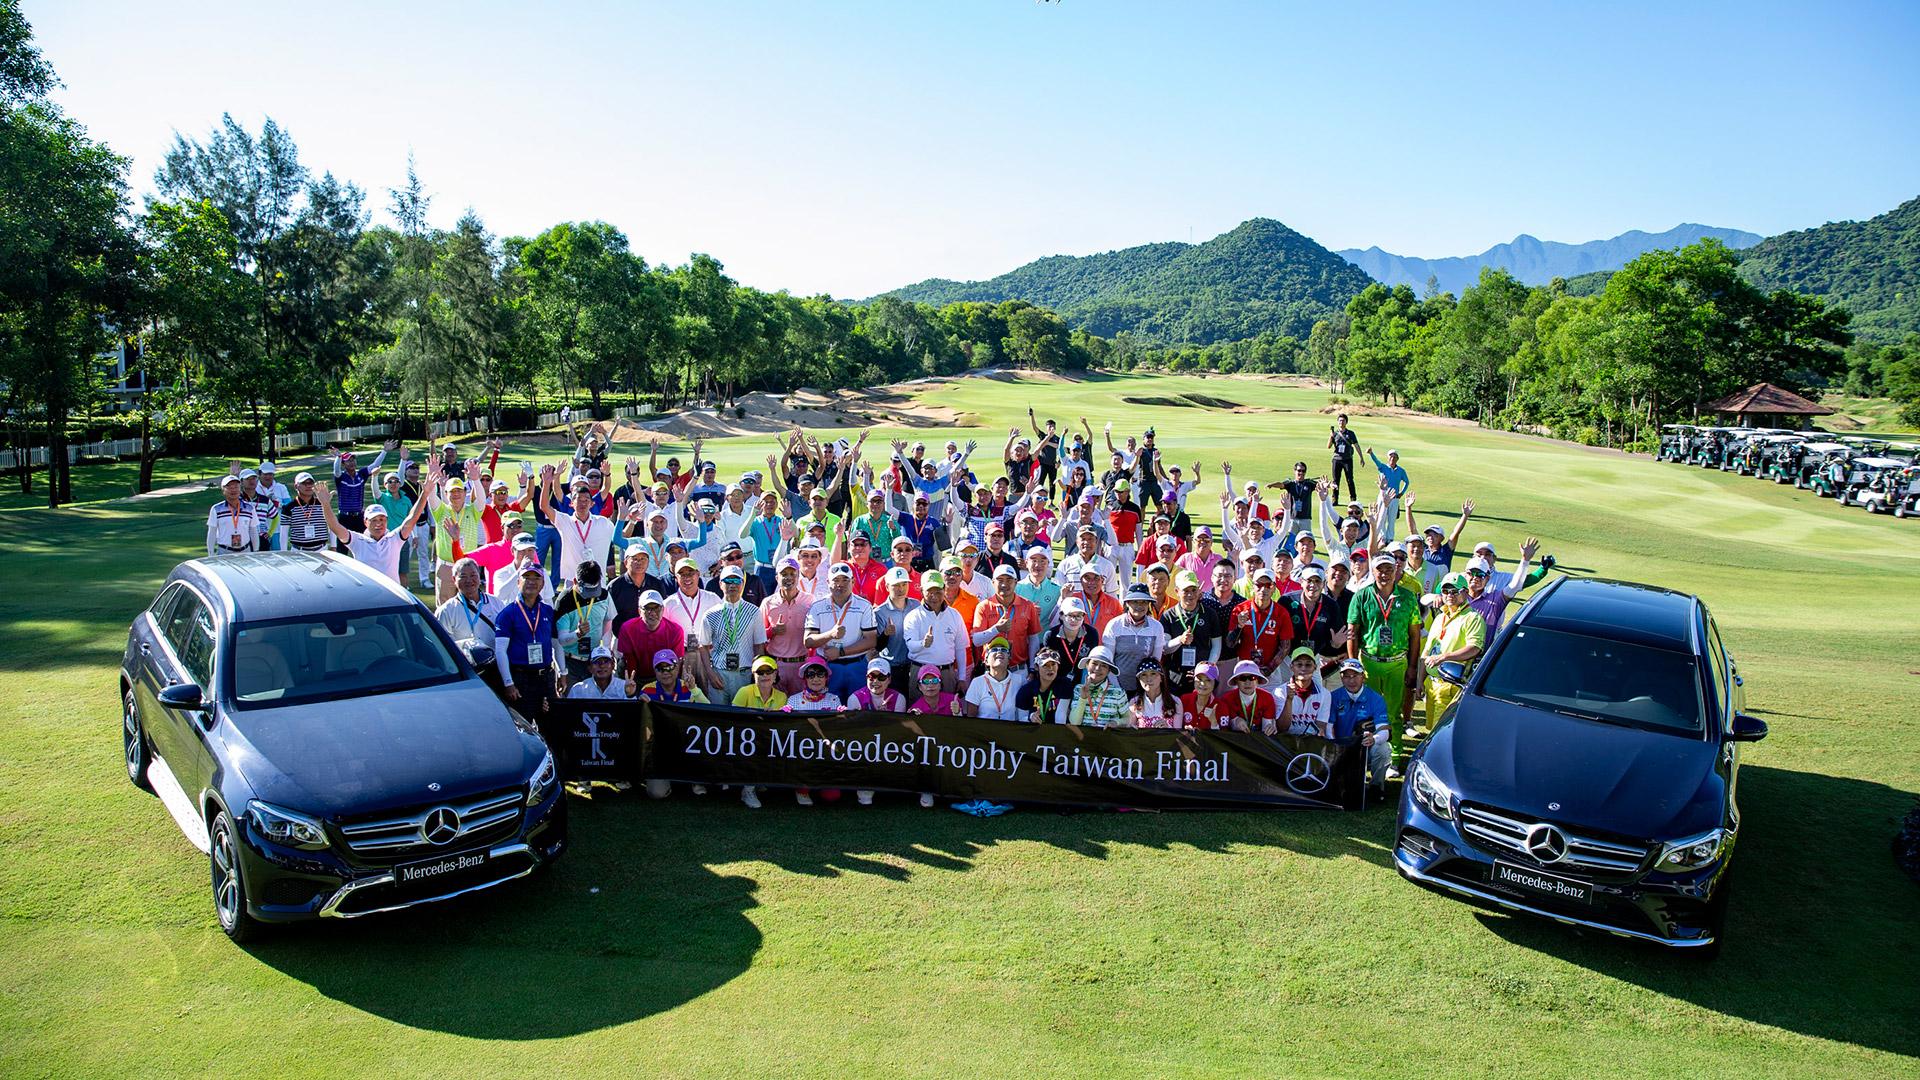 Laguna Golf Lăng Cô trở thành sân golf đầu tiên trên thế giới tổ chức hai VCK QG MercedesTrophy trong cùng một năm